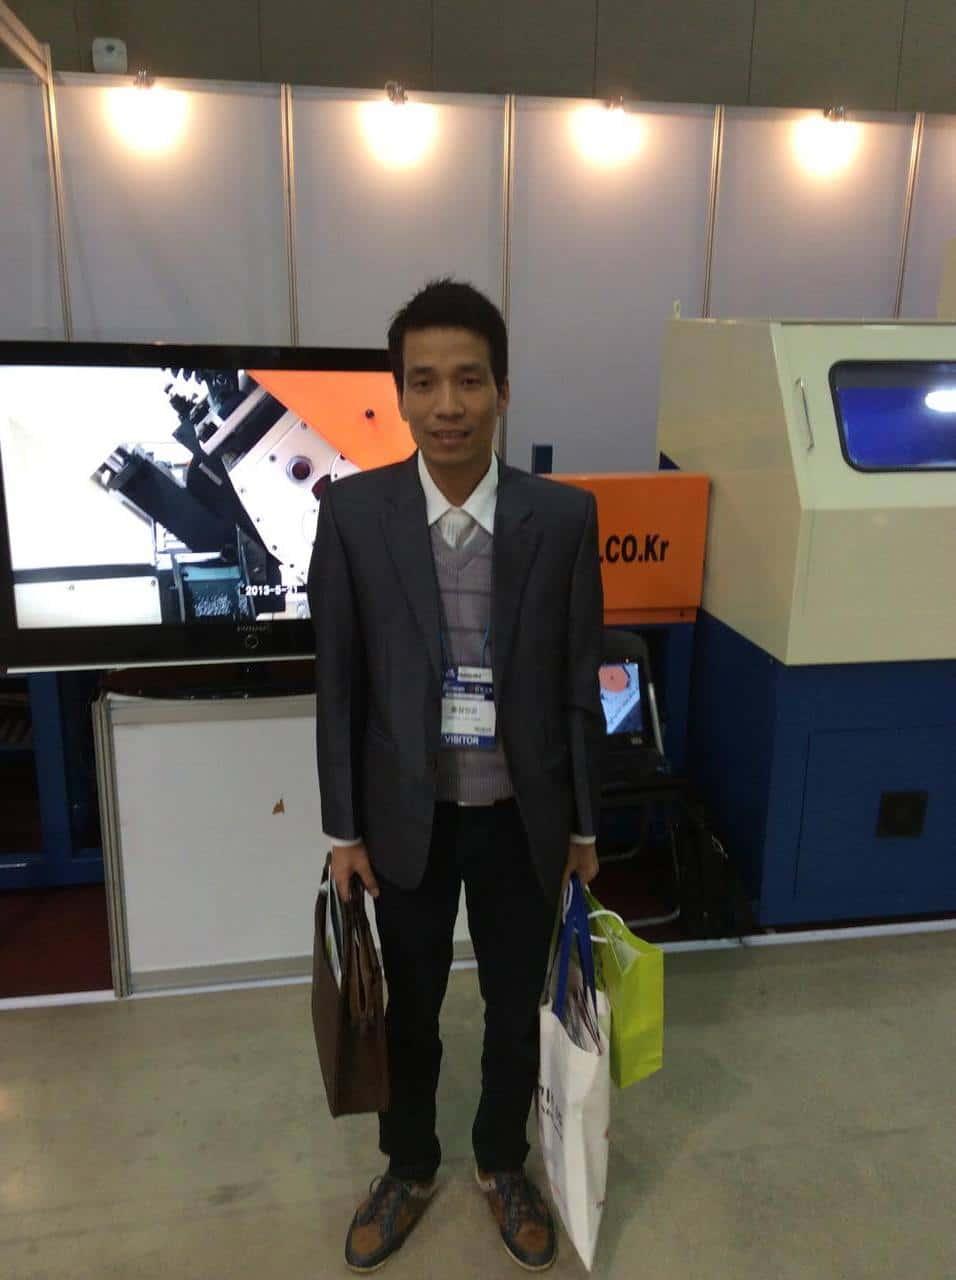 Tham quan máy móc công nghệ ở Hàn Quốc